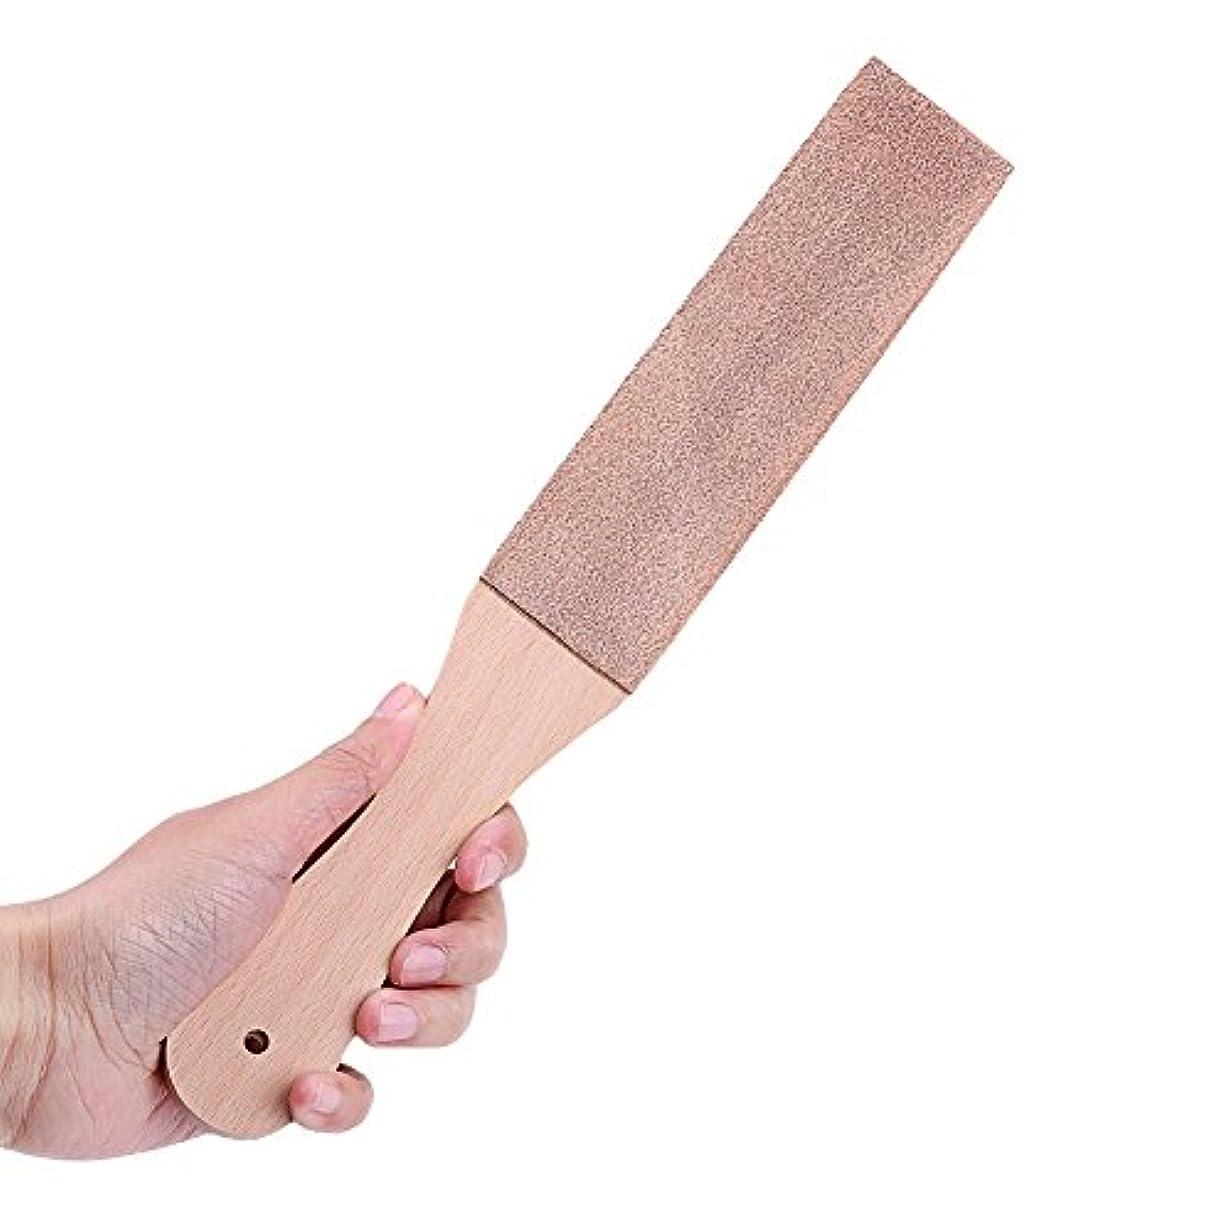 かみそり削り男性シェーバー削り板ダブルサイドPUレザーかみそりストレートStropナイフ研磨ベルト